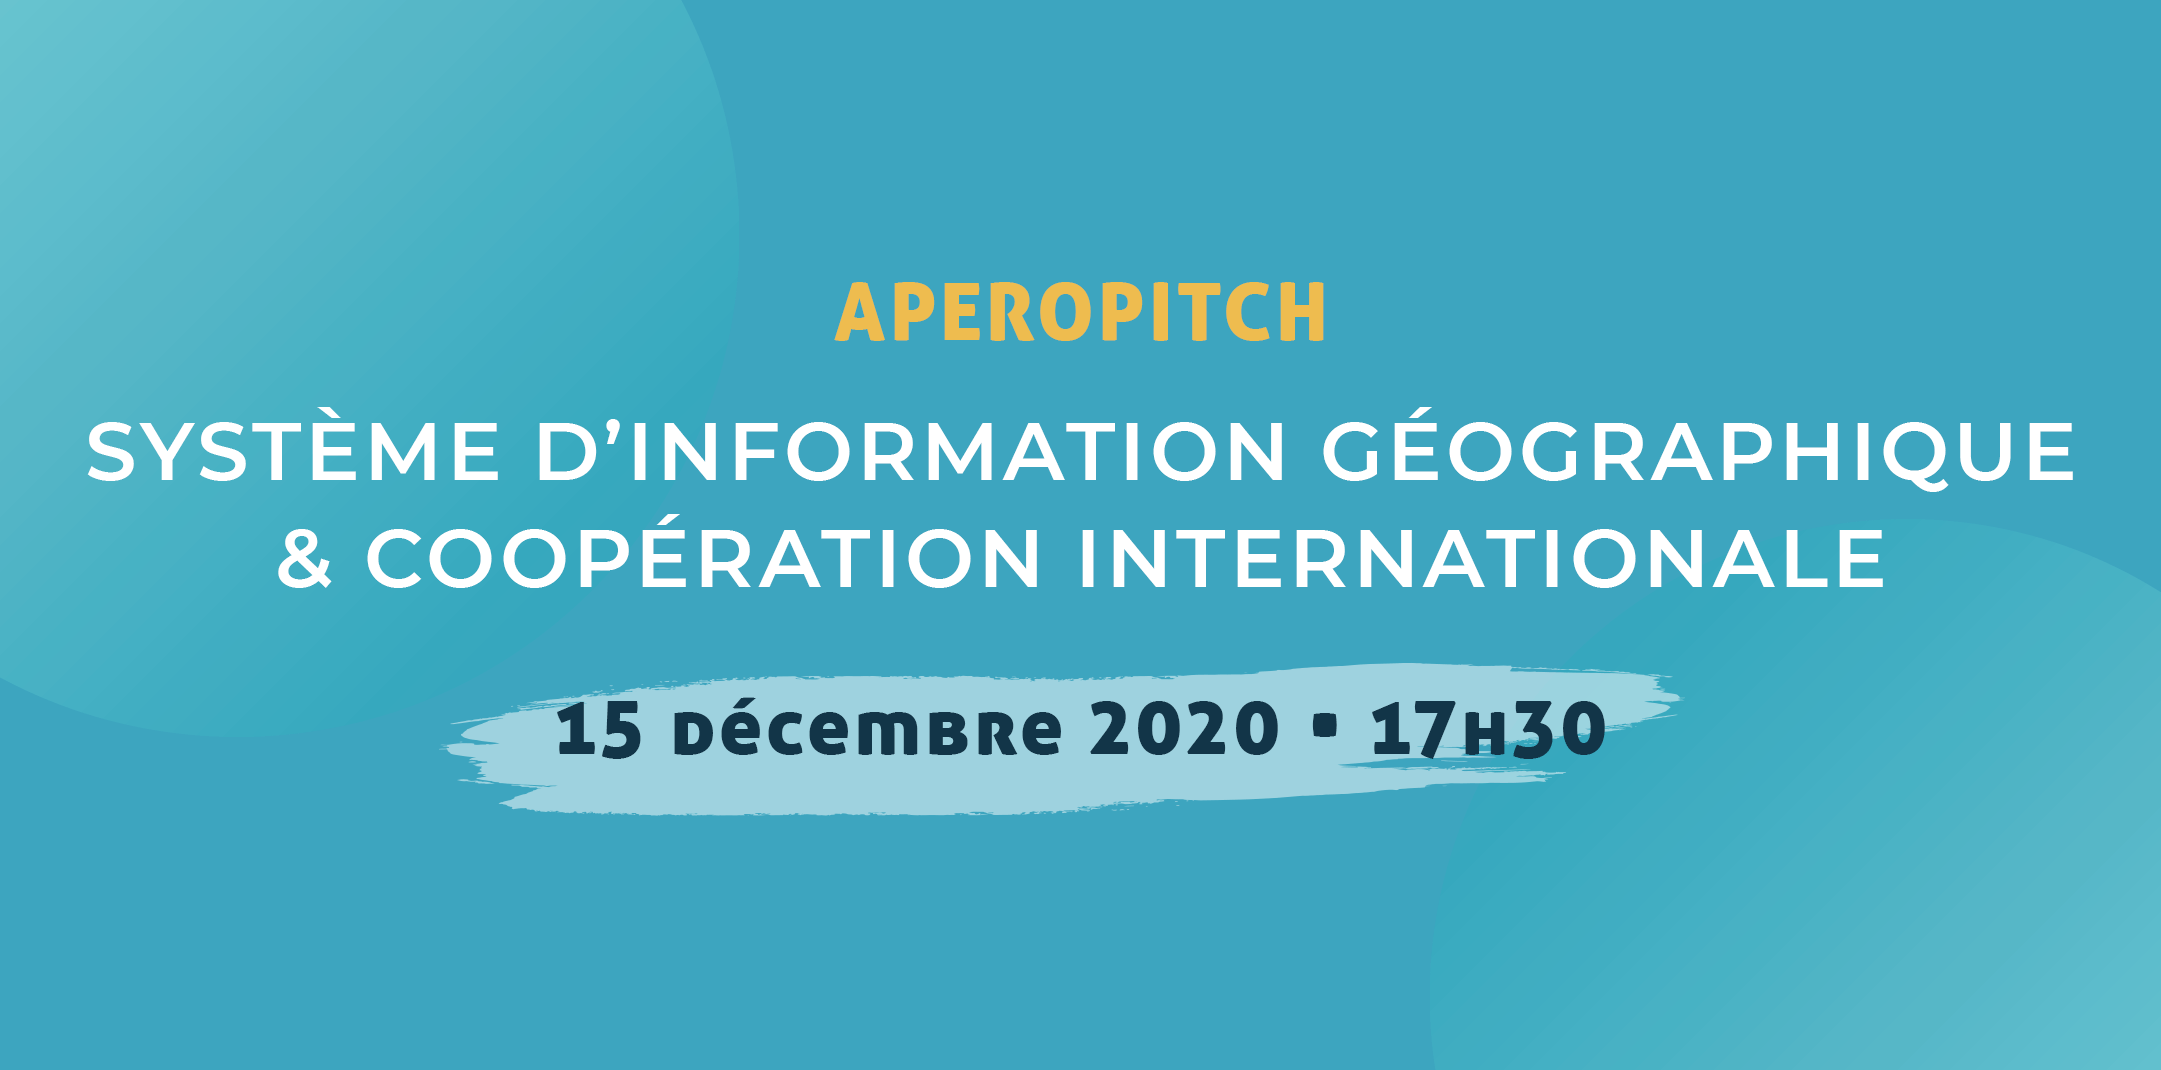 Inscrivez-vous au prochain Apéropitch !